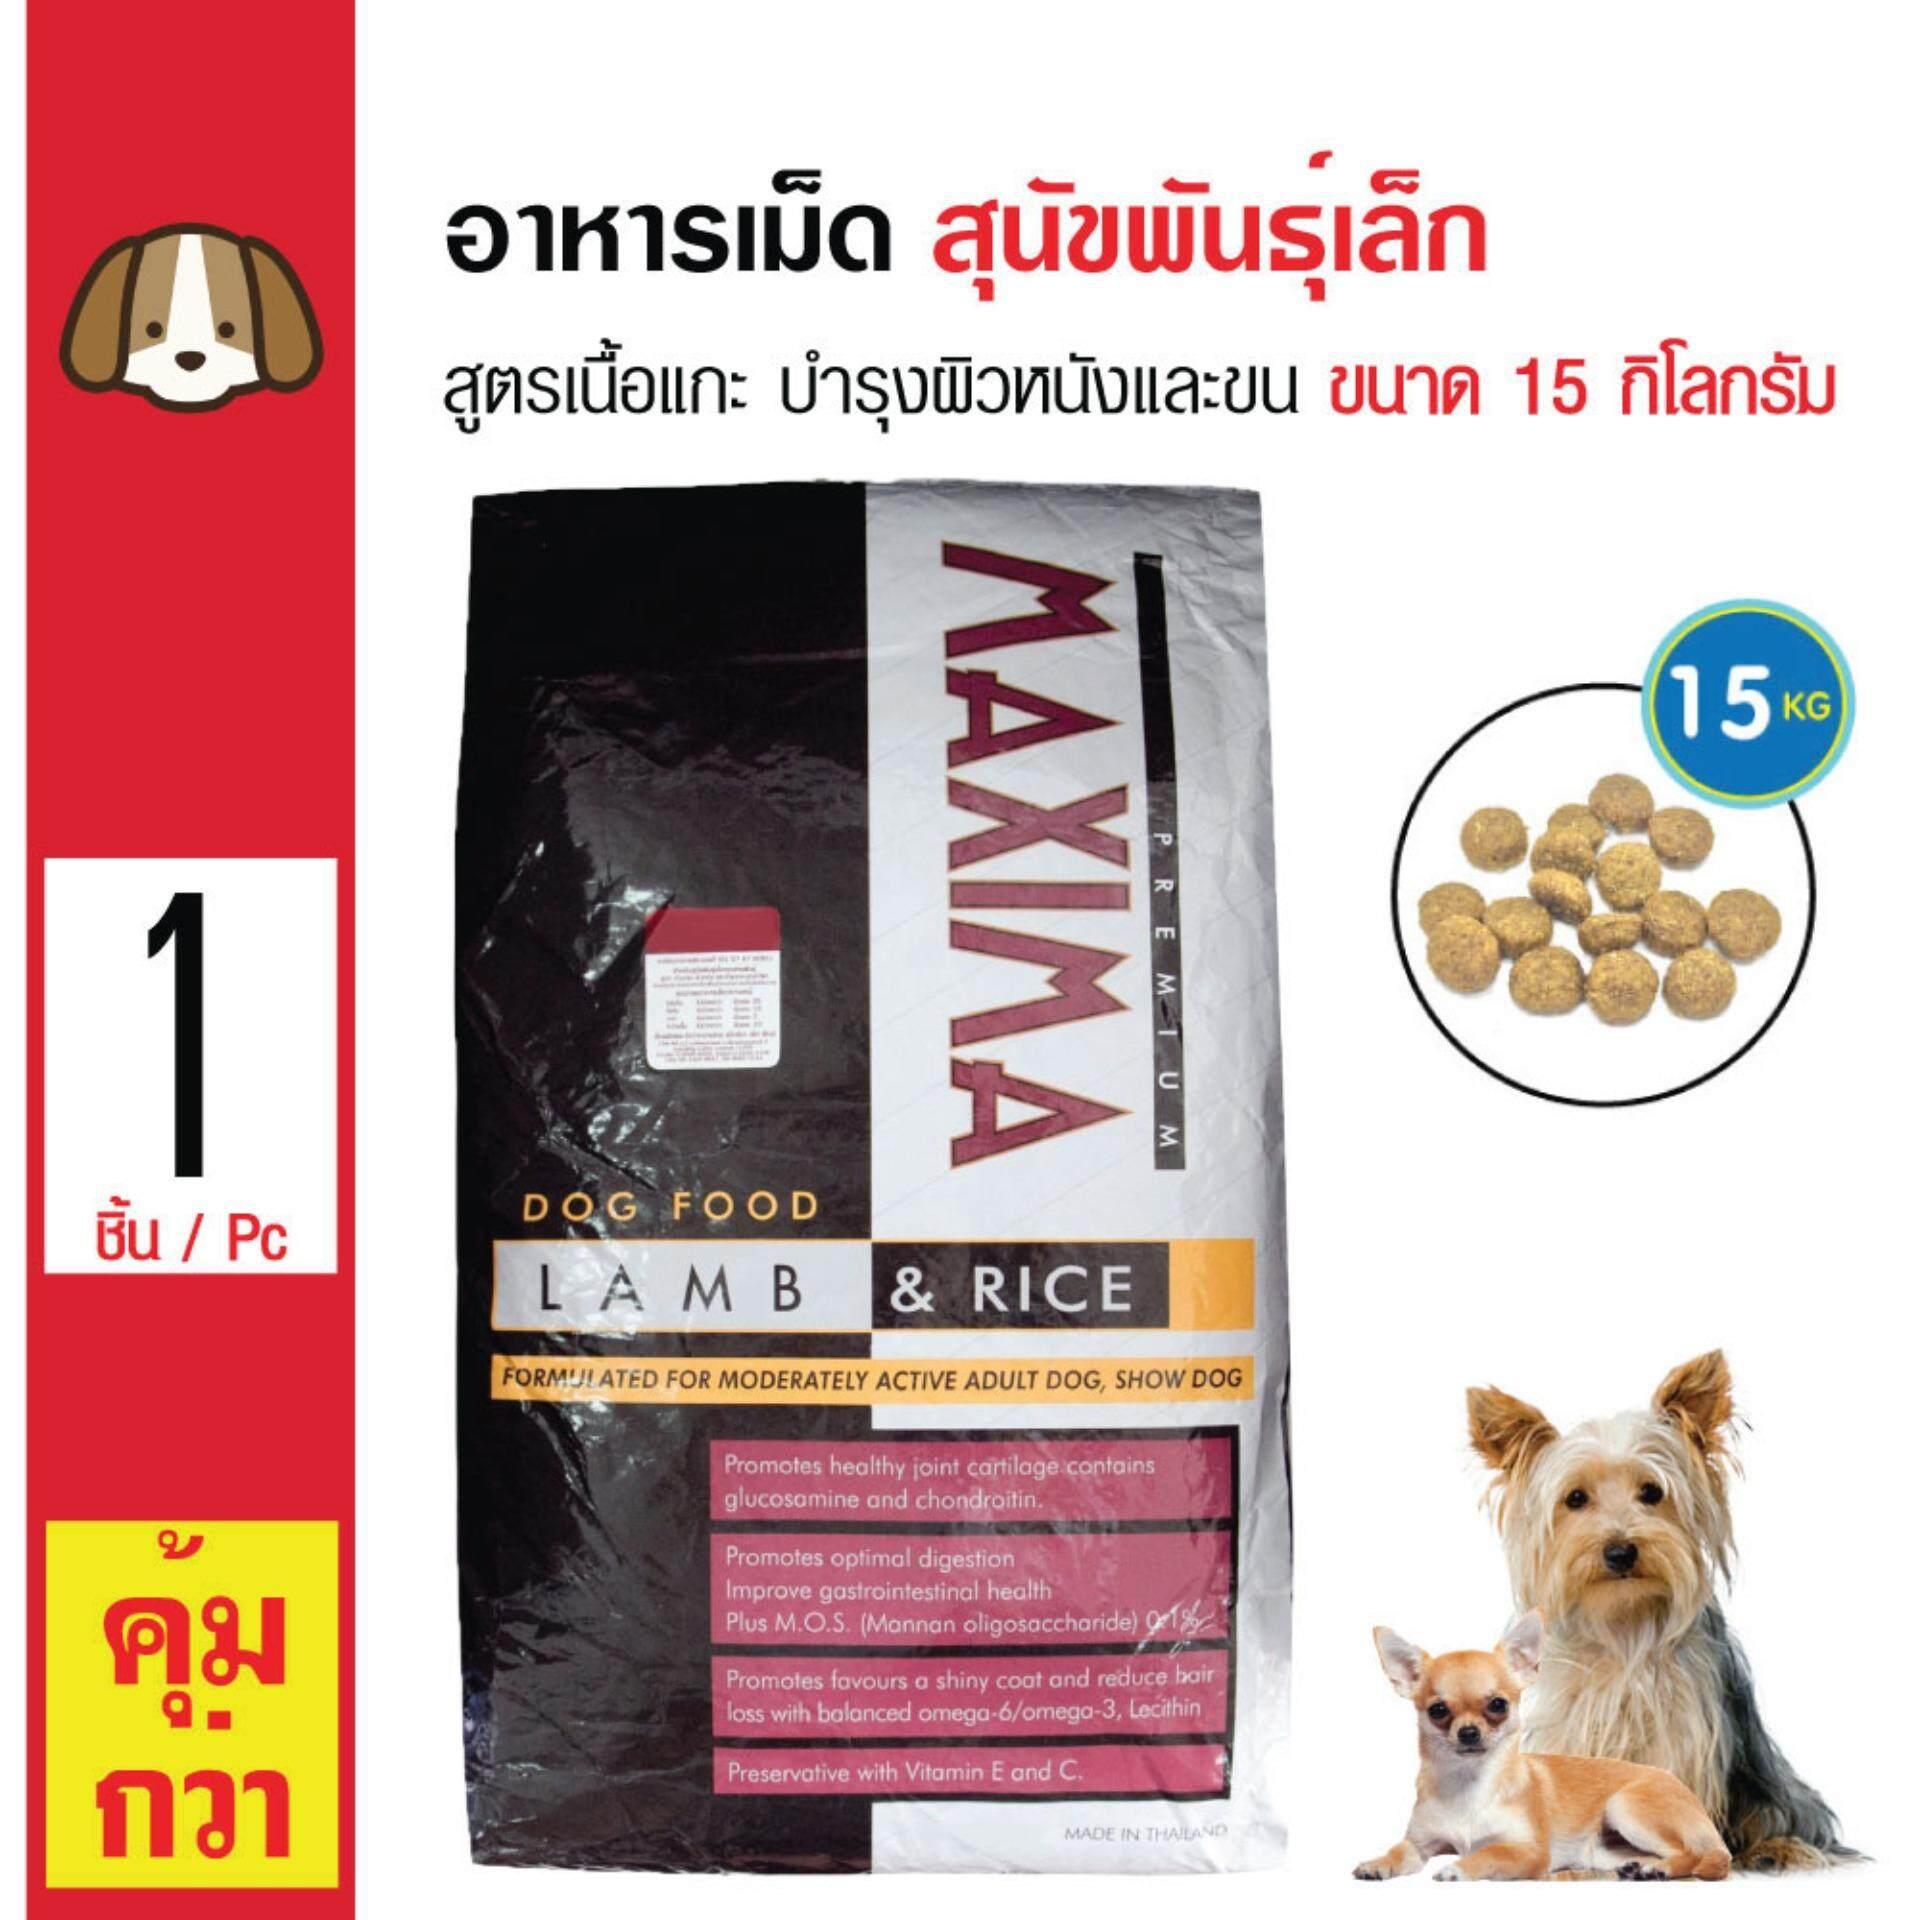 Maxima Small Dog 15 Kg. อาหารเม็ด อาหารสุนัข สูตรเนื้อแกะ บำรุงผิวหนังและขน (เม็ดเล็ก) สำหรับสุนัขพันธุ์เล็ก ขนาด 15 กิโลกรัม.